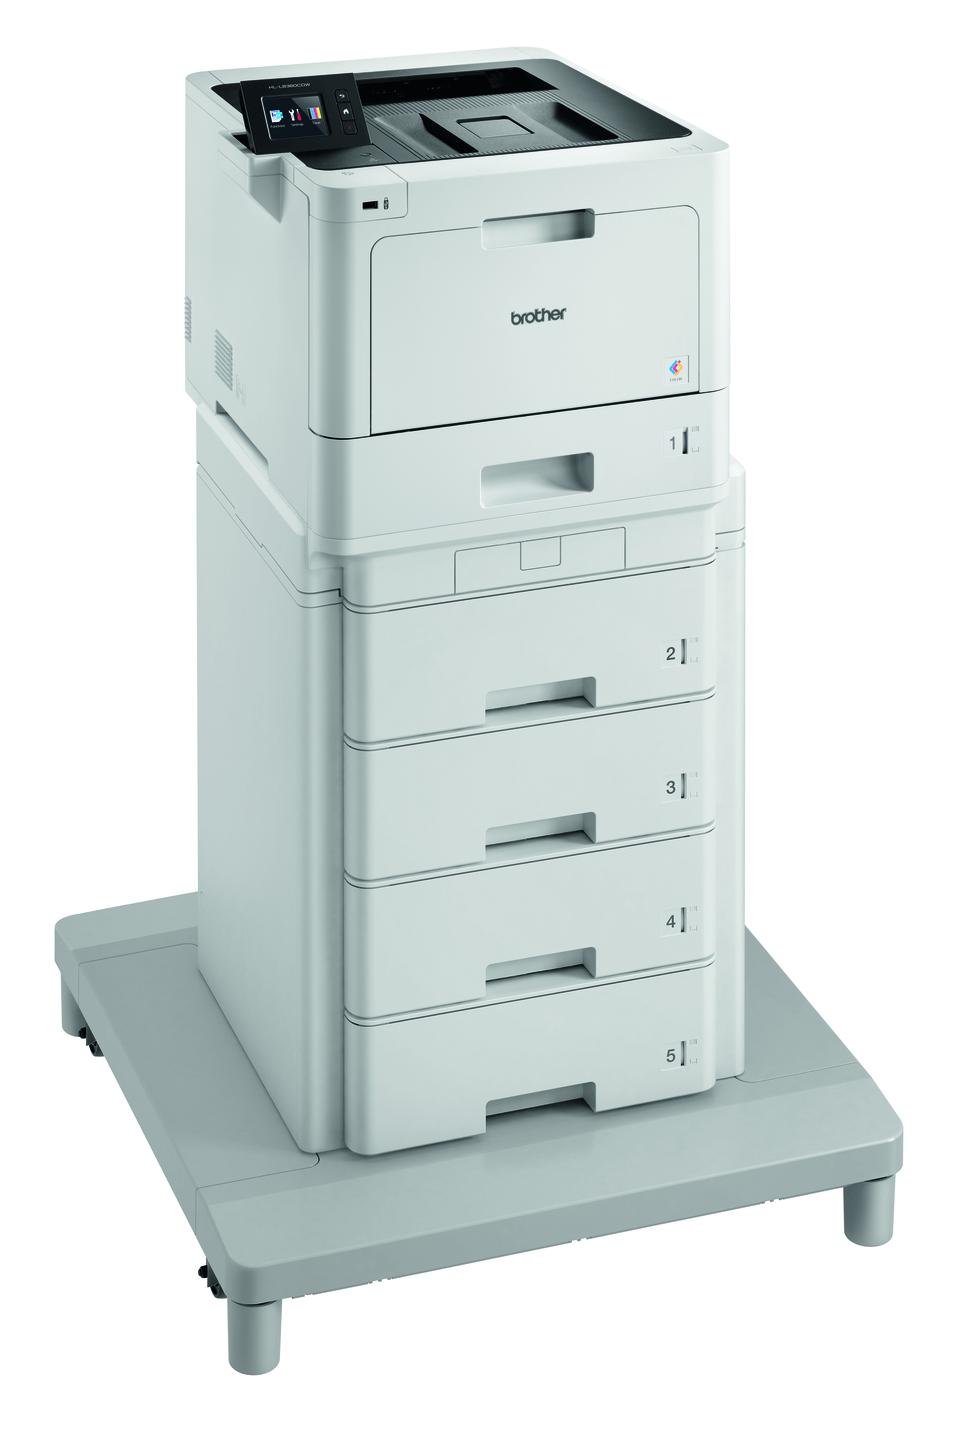 Brother HL-L8360CDWMT profesionāls krāsu, abpusējas drukas, bezvadu tīkla lāzerdrukas printeris + torņveida padeve + torņveida padeves savienotājs 3